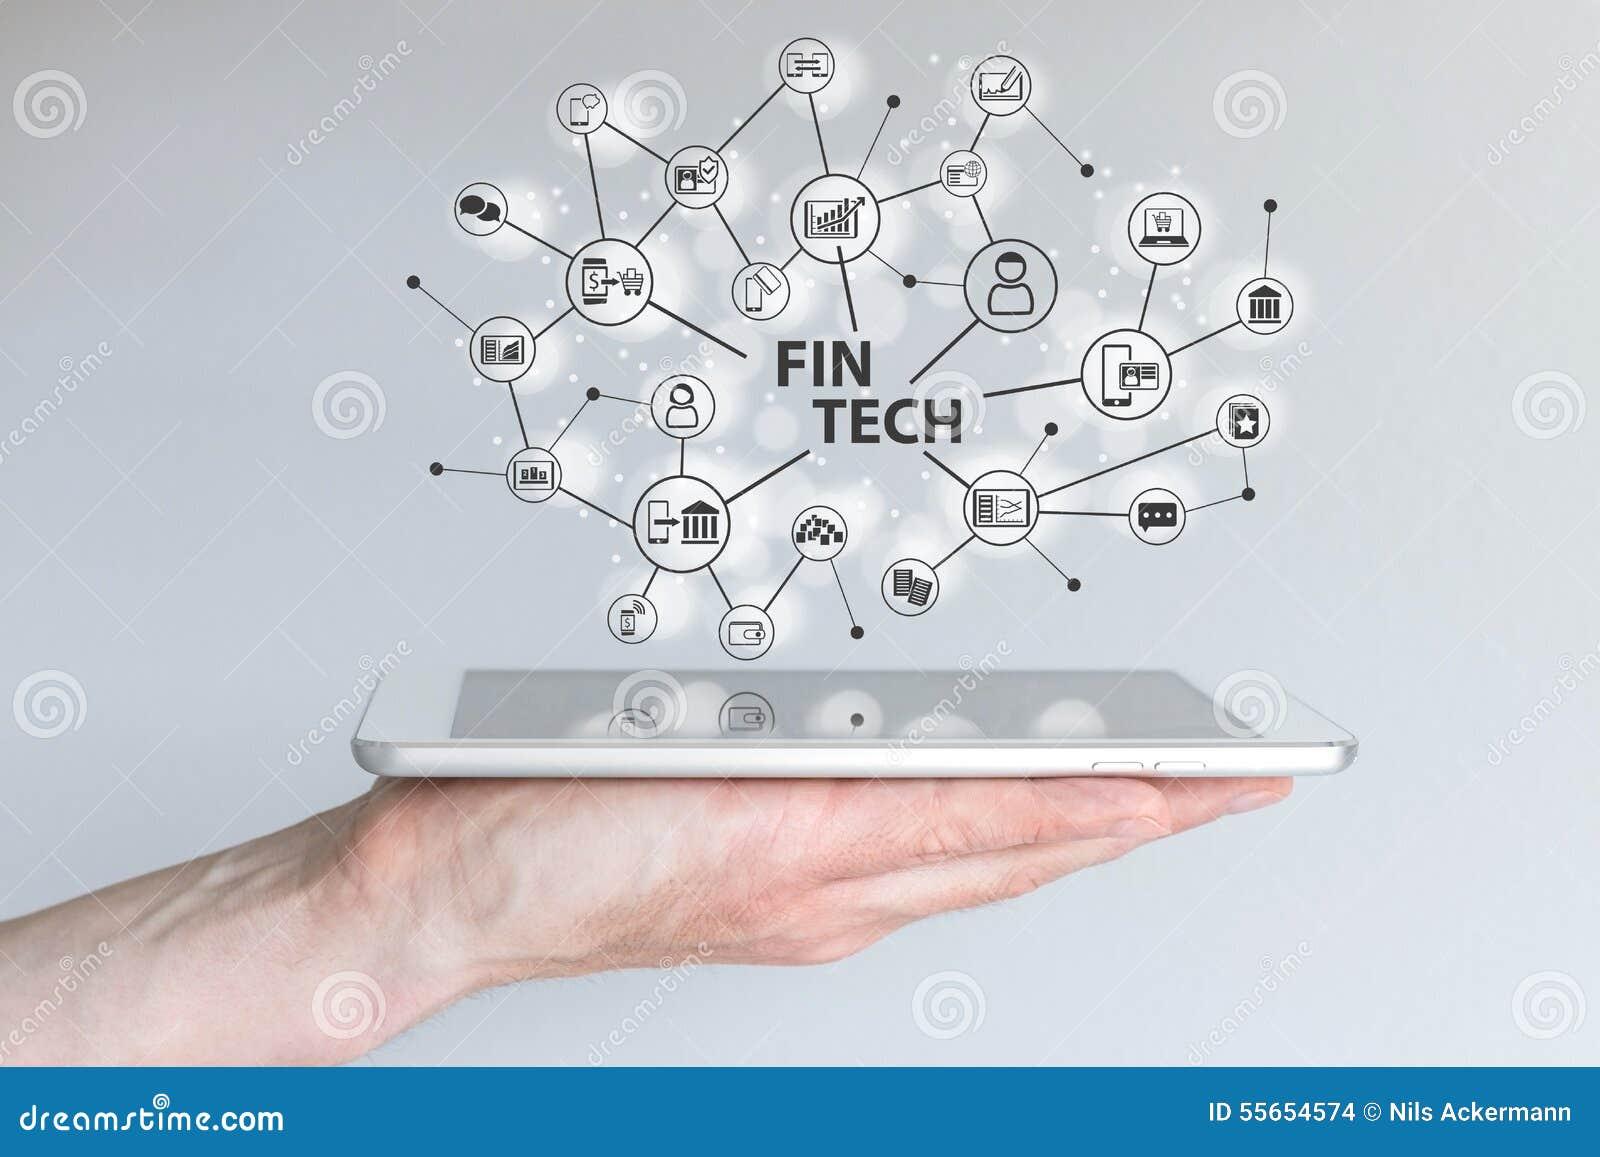 Flossen-Technologie und Mobile-Computing-Konzept Hand, die Tablette vor grauem Hintergrund hält